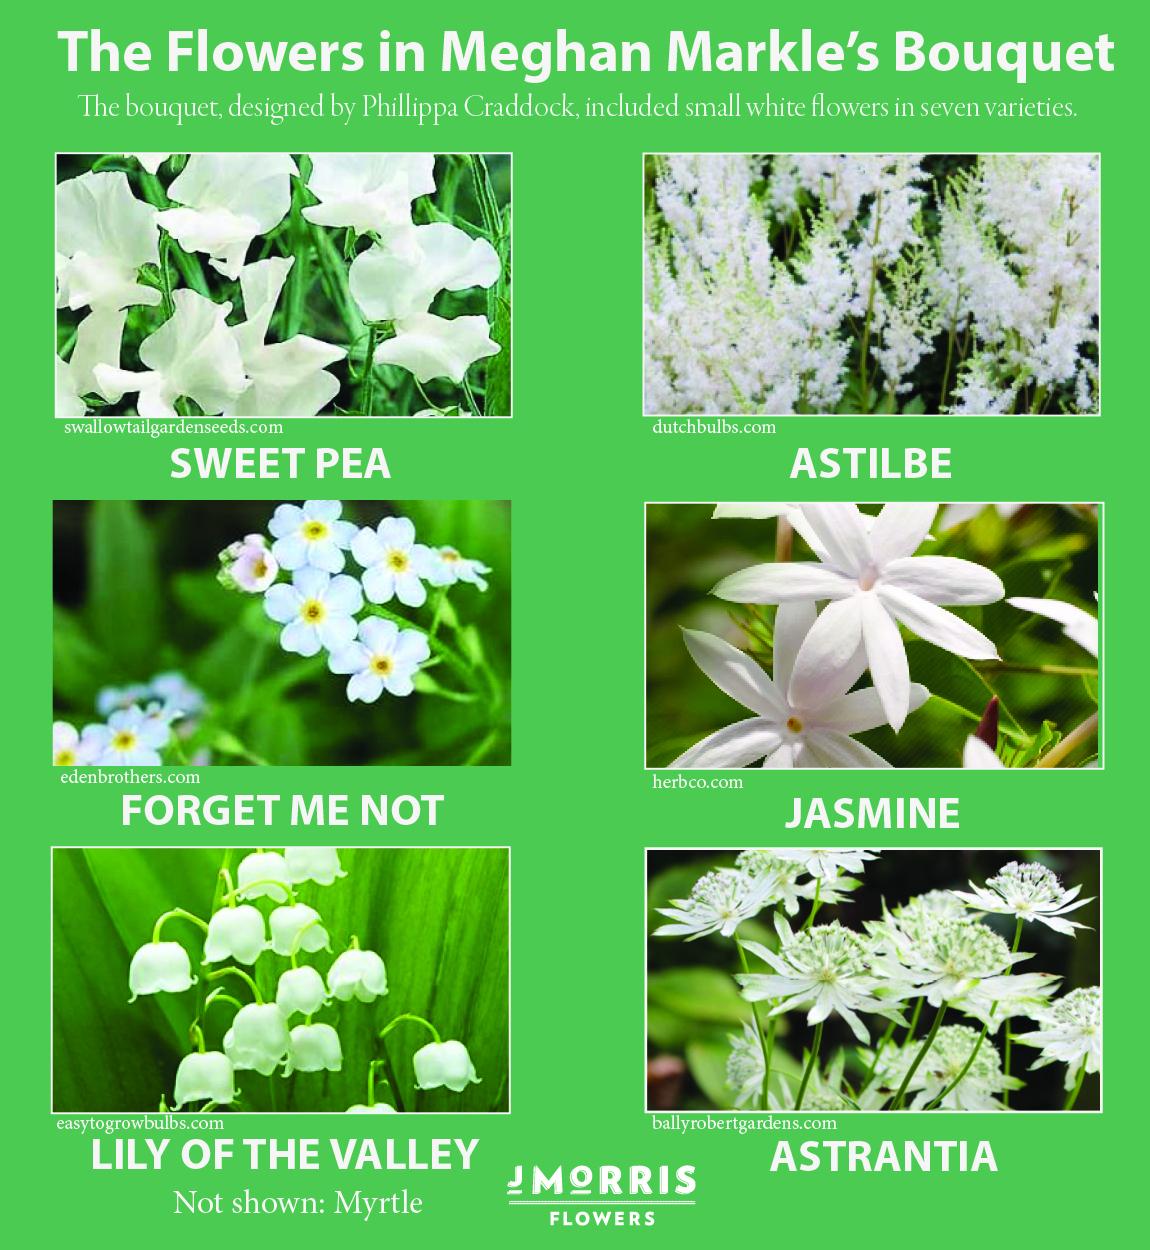 meghan markle s bridal bouquet the flowers j morris flowers meghan markle s bridal bouquet the